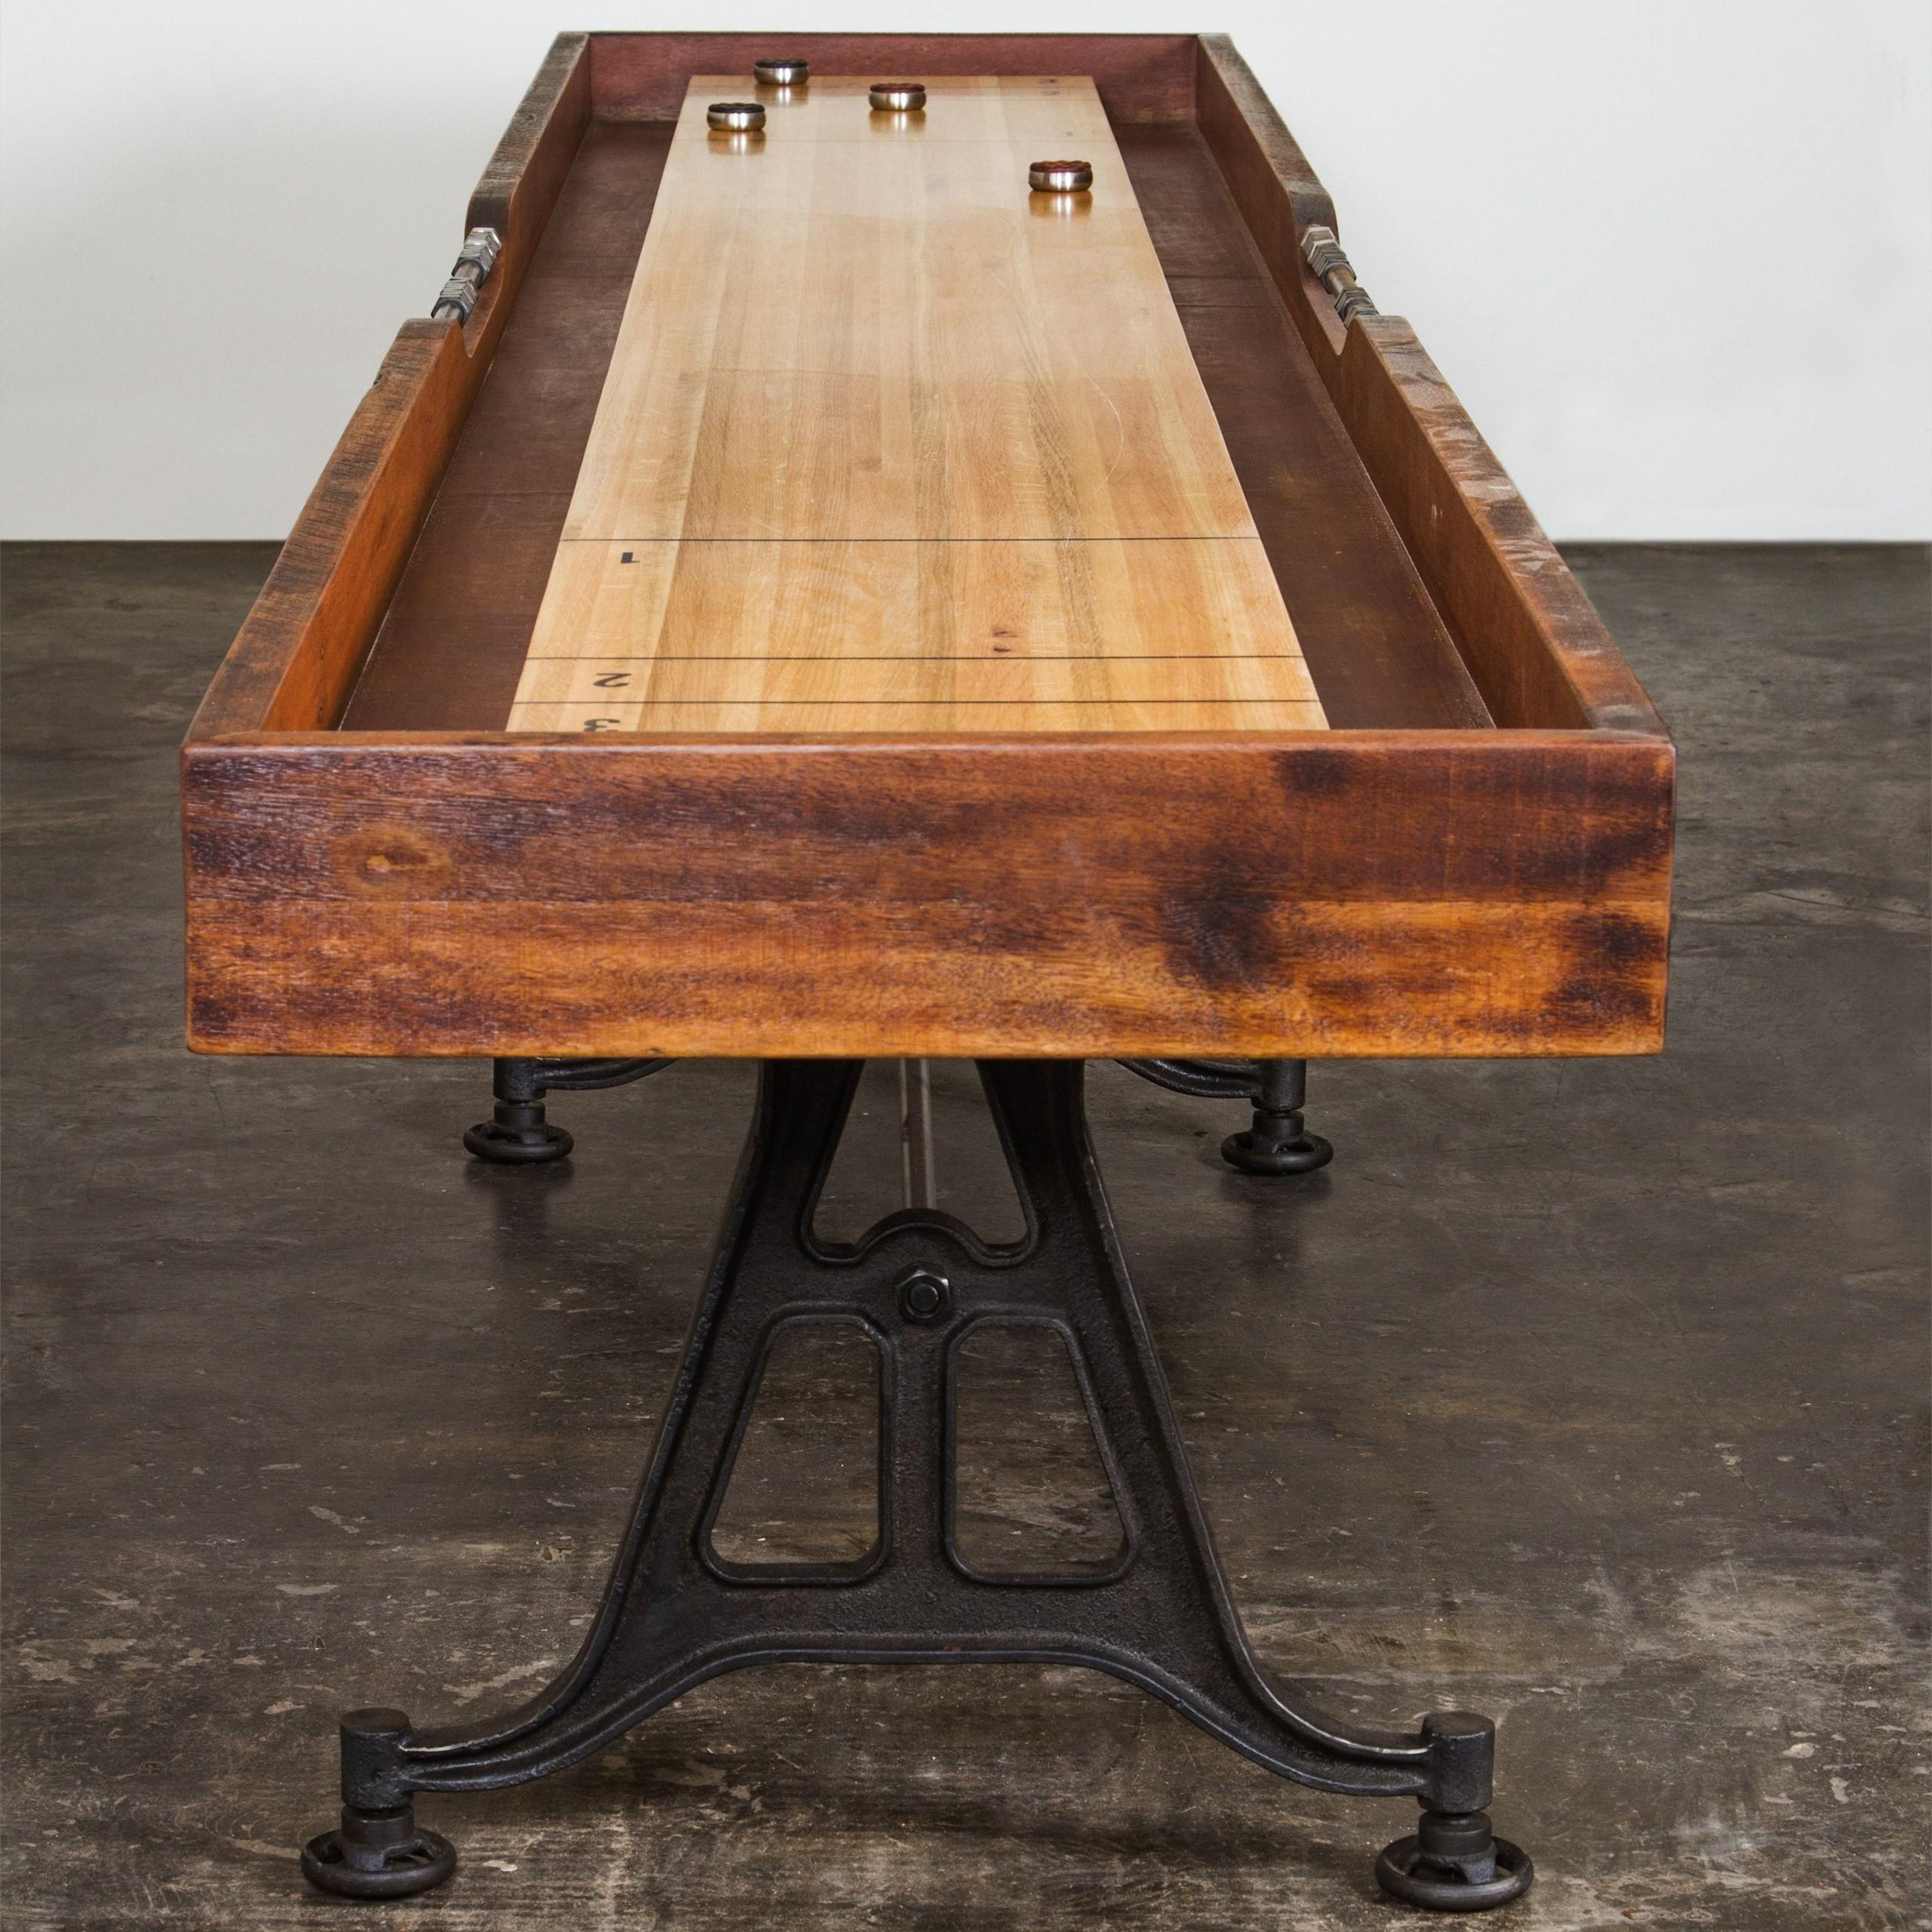 Vintage Shuffleboard Table